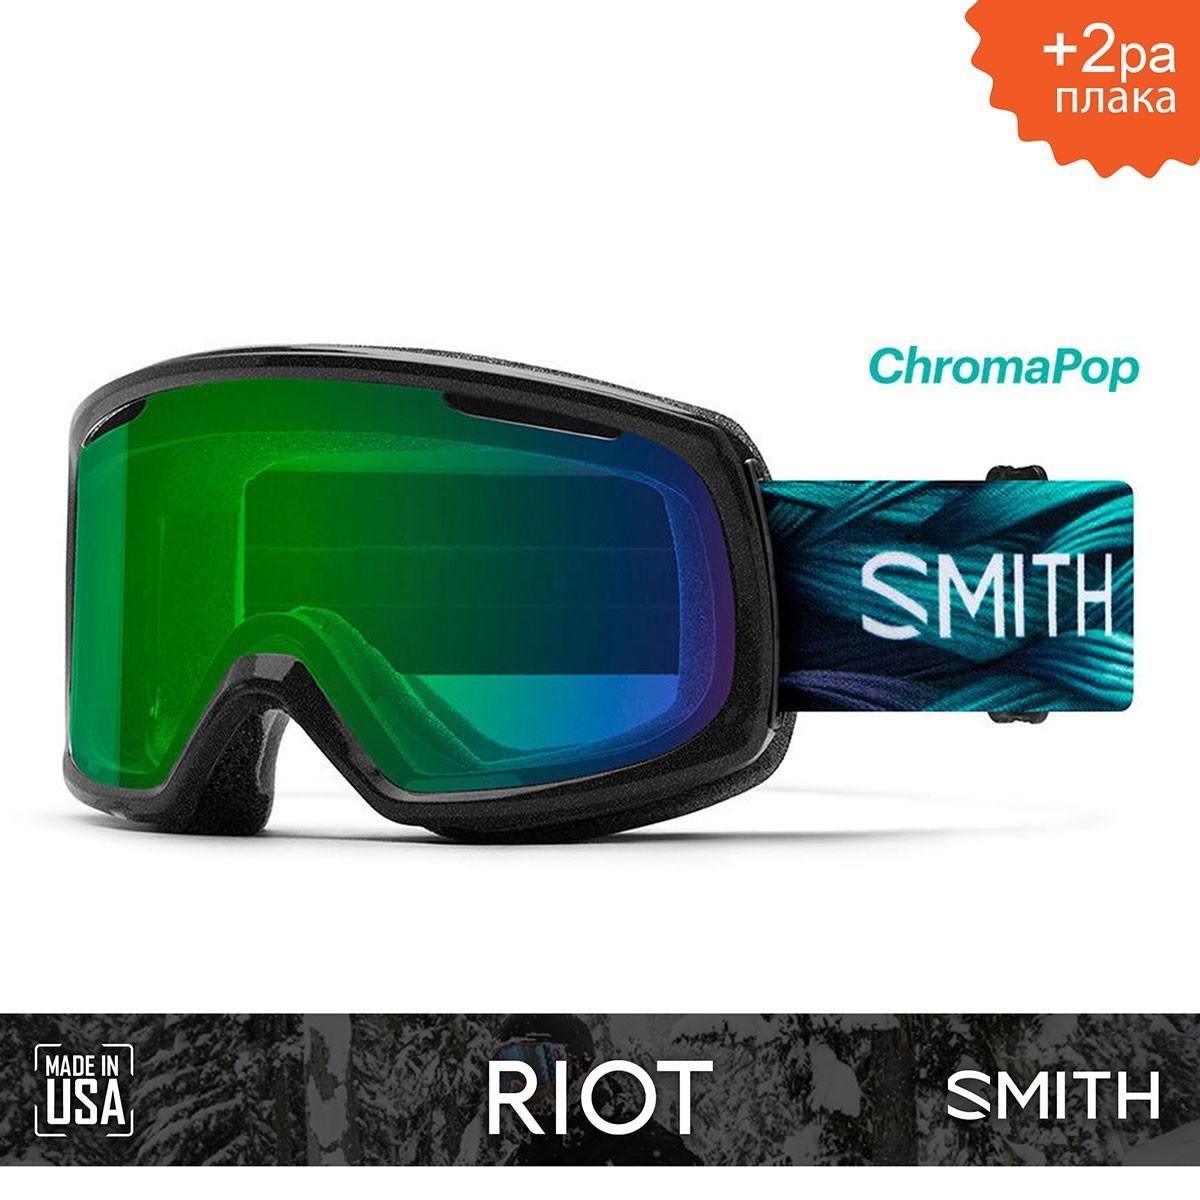 SMITH RIOT AC Adele Renault | S2 CHROMAPOP Everyday Green Mirror - Изображение - AQUAMATRIX